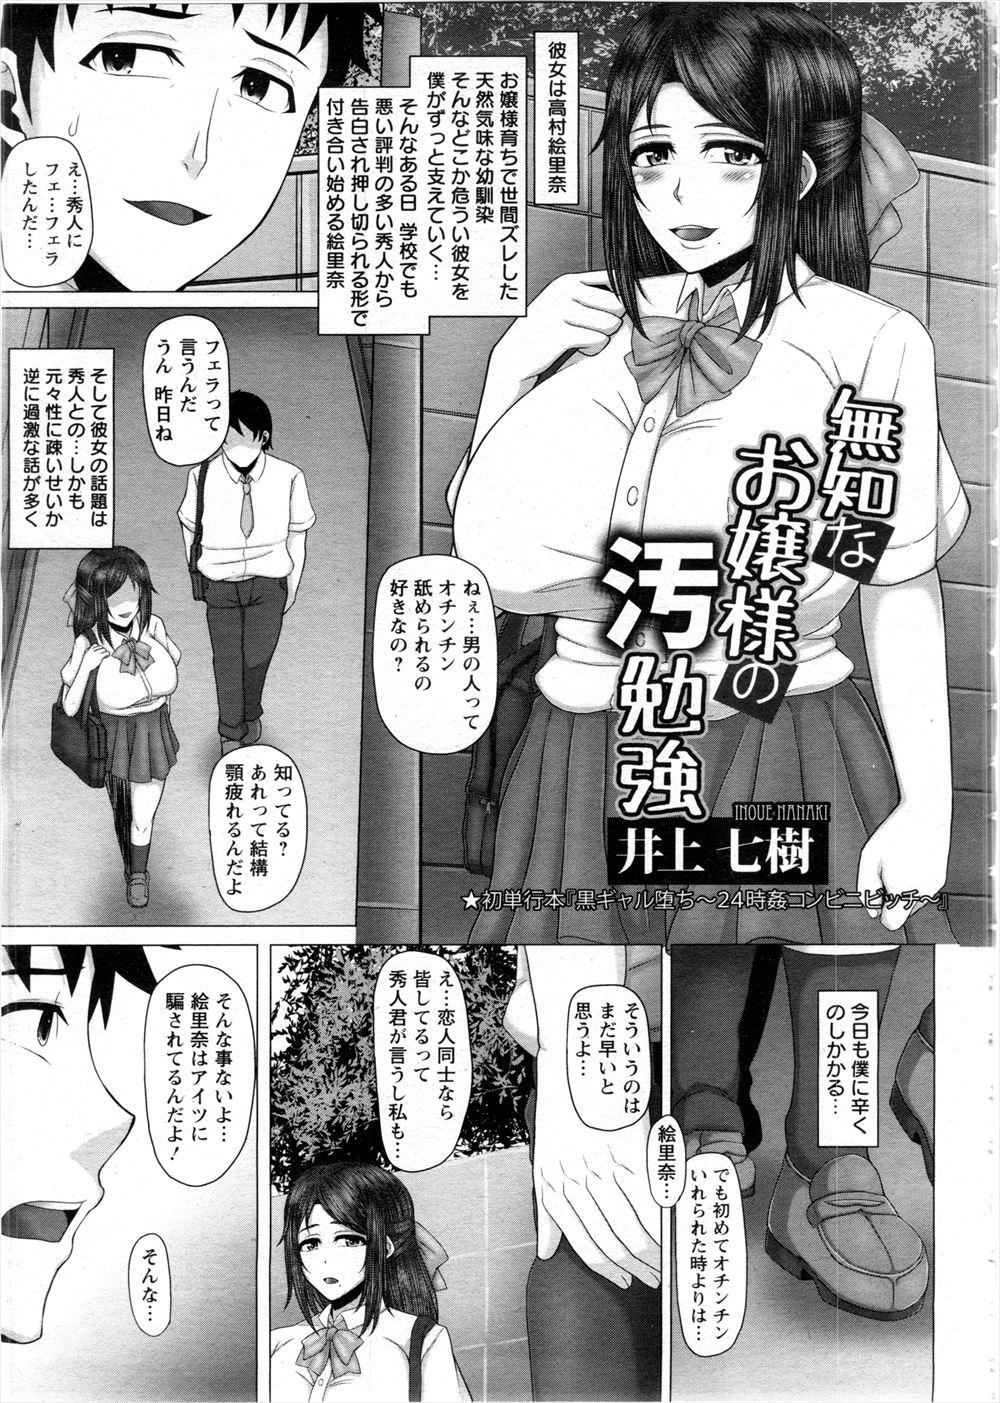 【エロ漫画】お嬢様育ちで世間ずれした爆乳幼なじみが悪い評判のある男とつきあいはじめただのクソビッチになってしまった…。